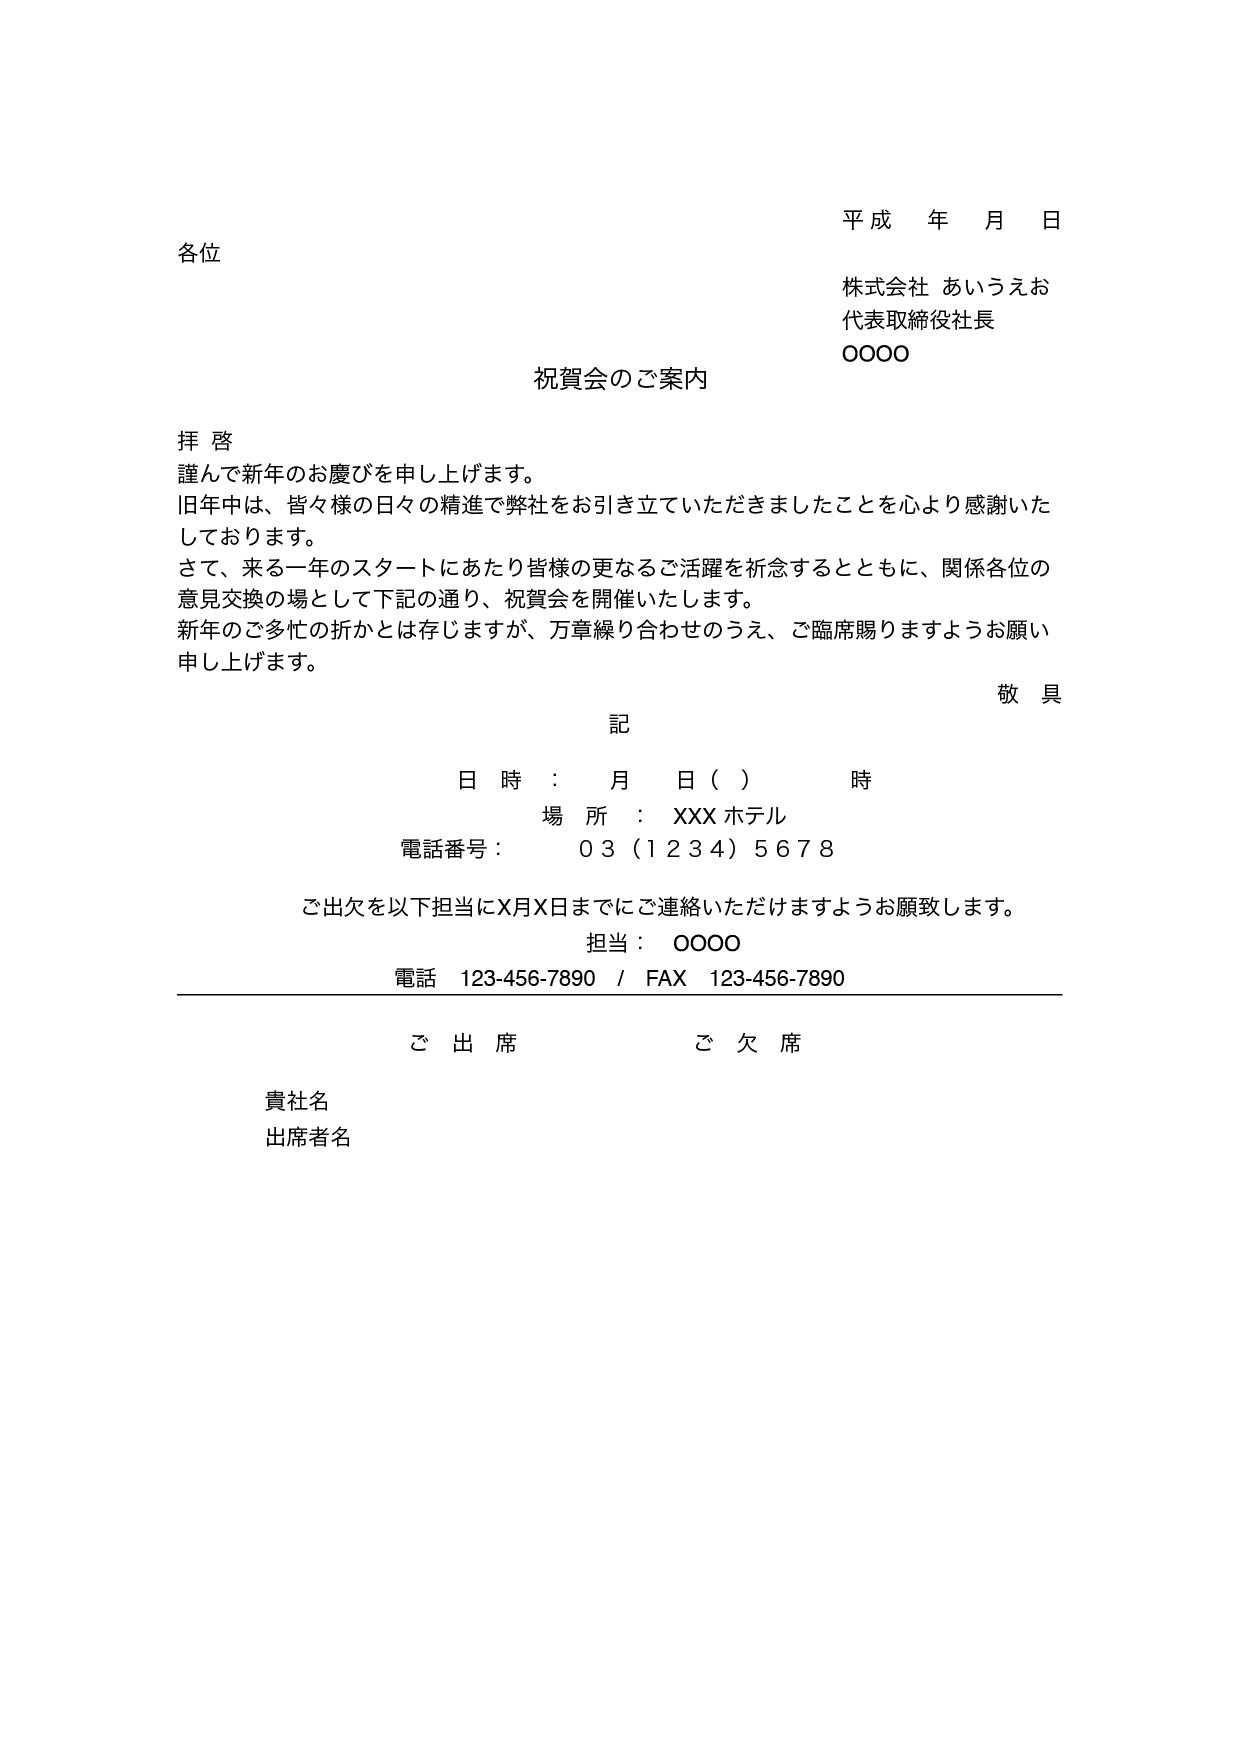 案内状テンプレート_祝賀会,新年会,賀詞交換会(ワード・ページズ)